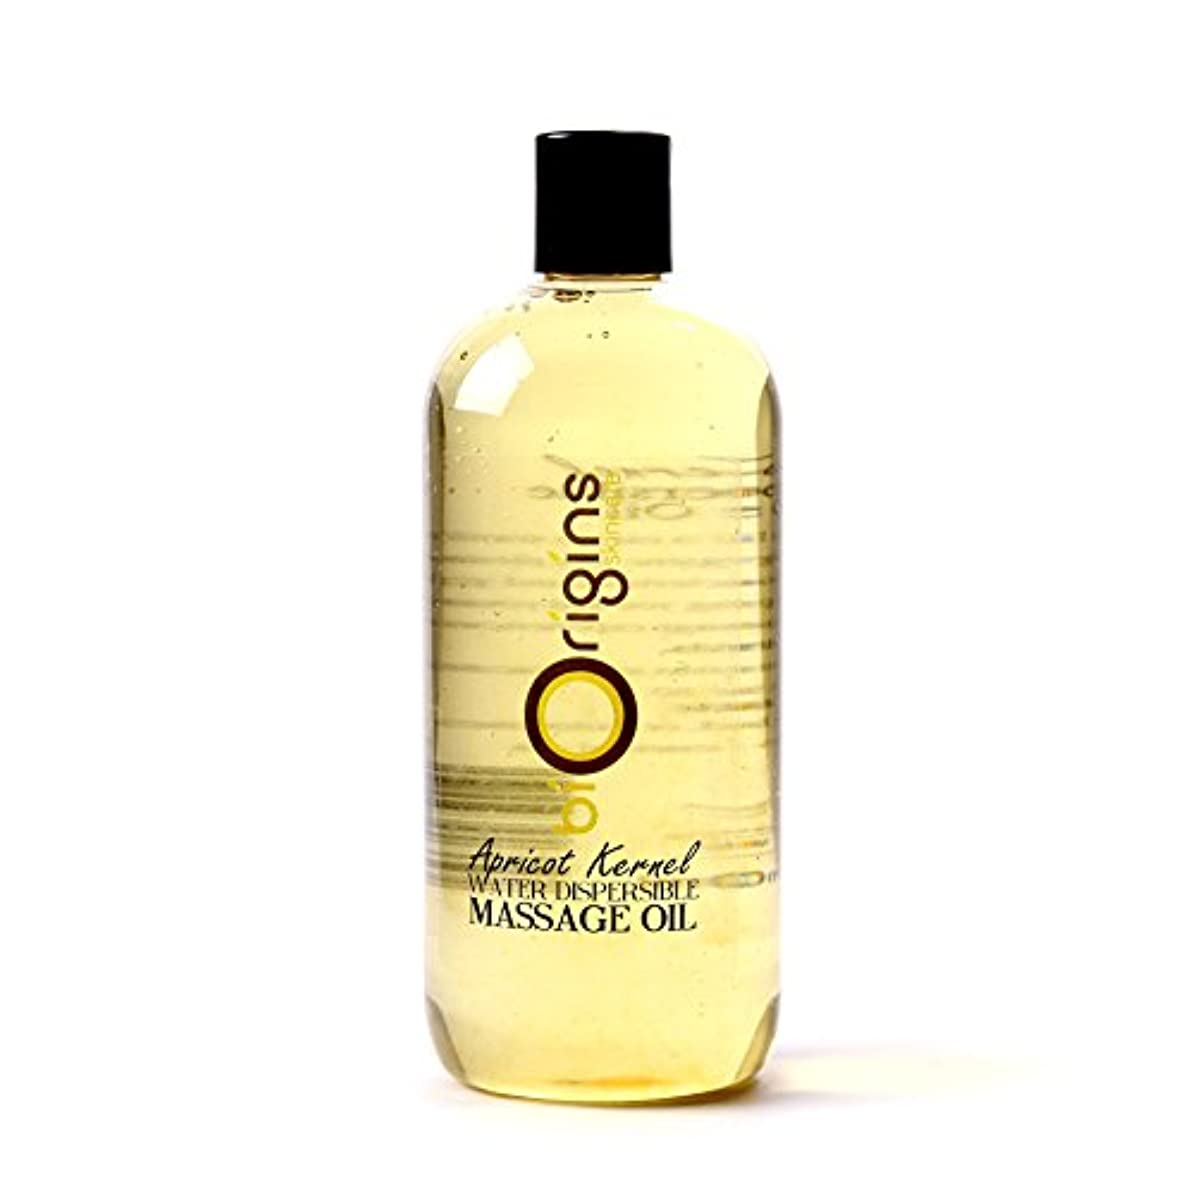 拷問論文ブッシュApricot Kernel Water Dispersible Massage Oil - 1 Litre - 100% Pure